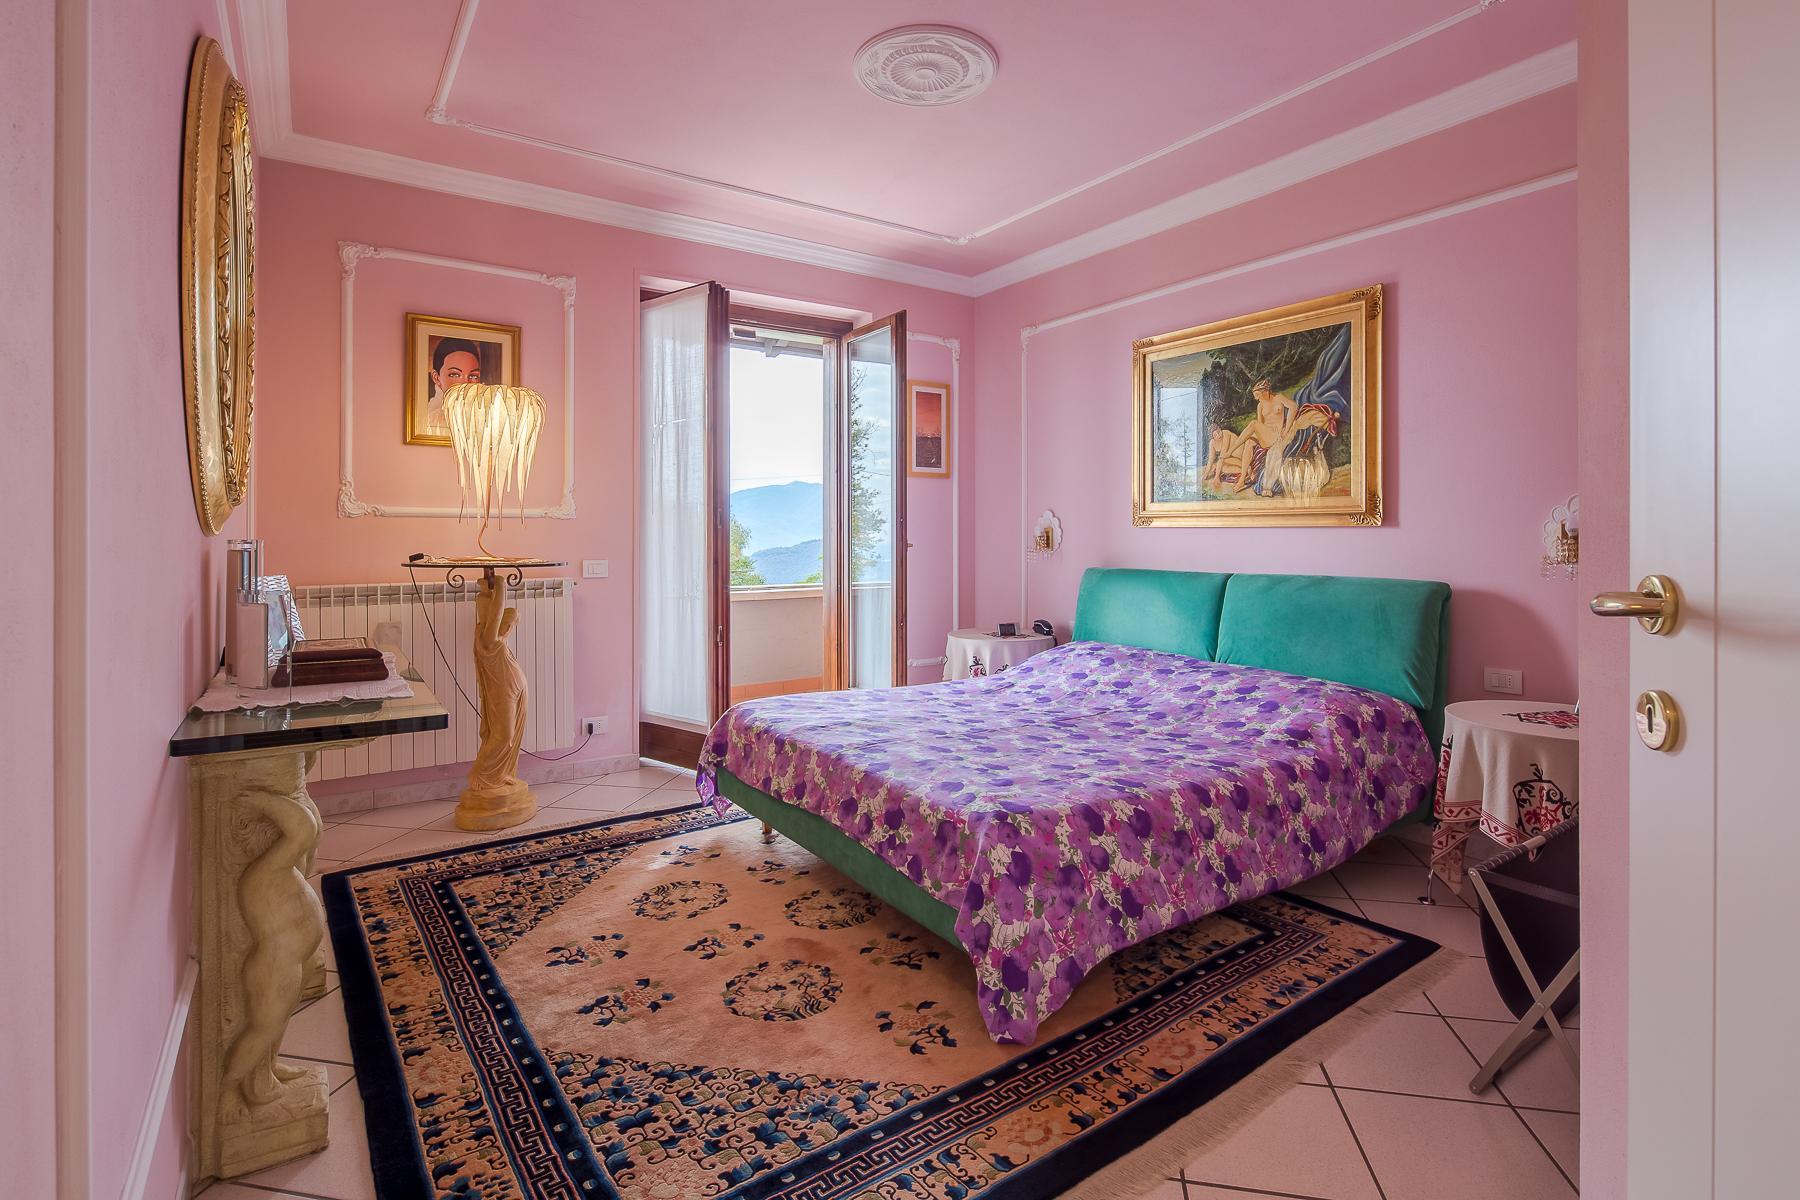 Villa unifamiliare nella zona collinare di Verbania con vista magnifica sul lago - 28